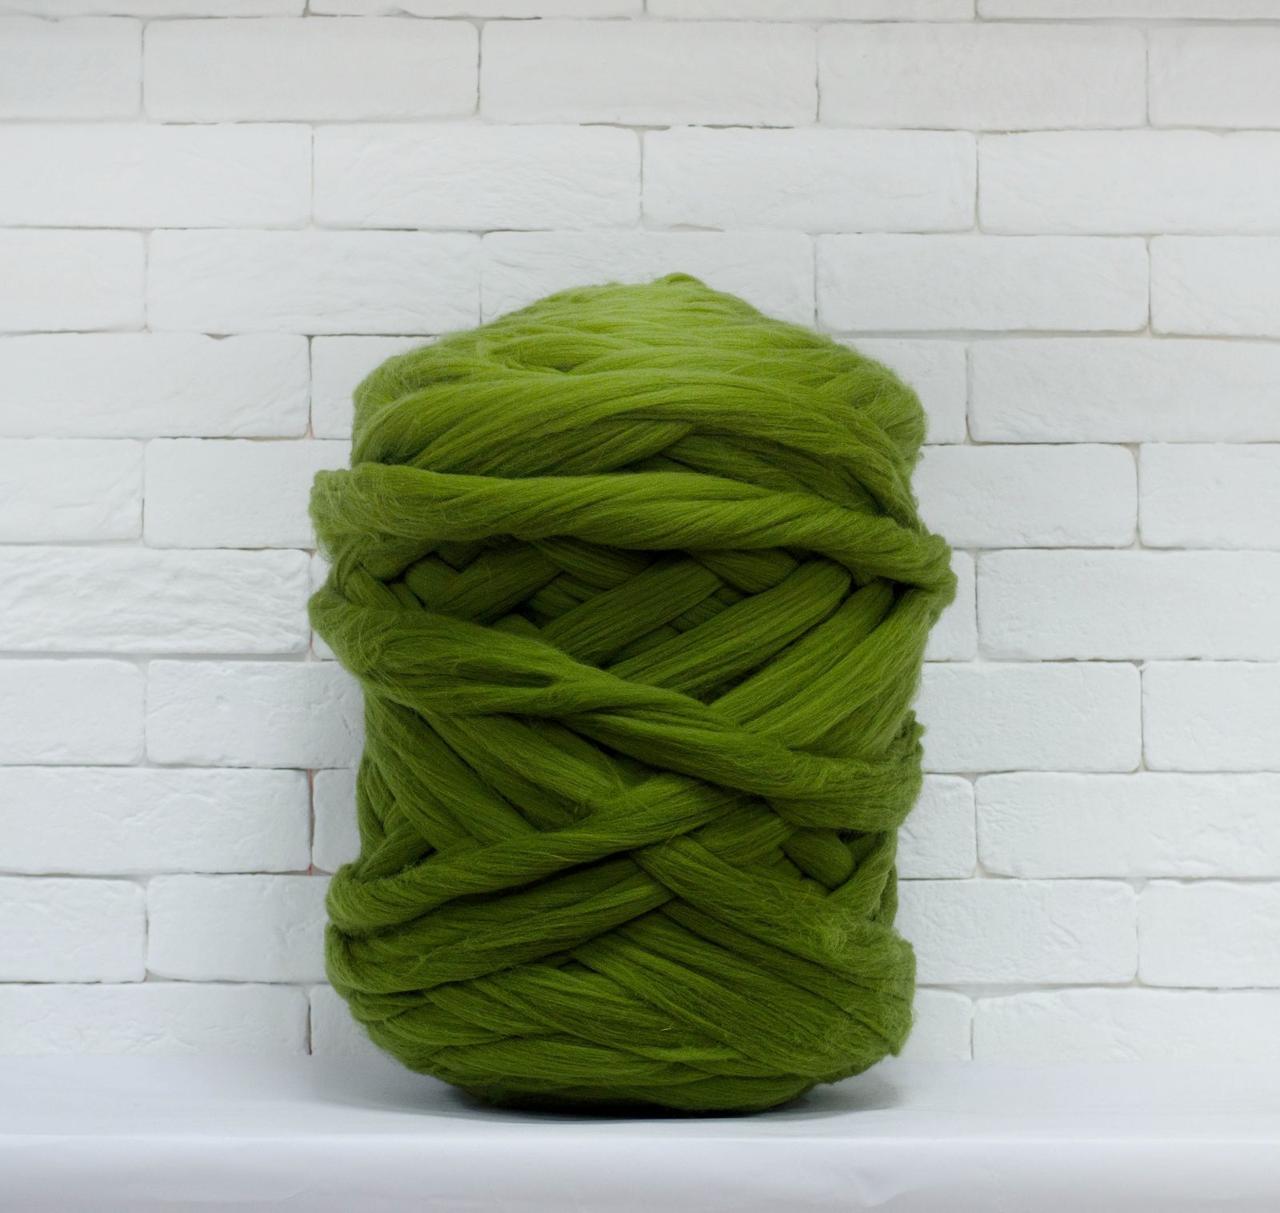 Толстая, крупная пряжа 100% шерсть 1кг (40м). Цвет: Болотный. 25-29 мкрн. Топс. Лента для пледов